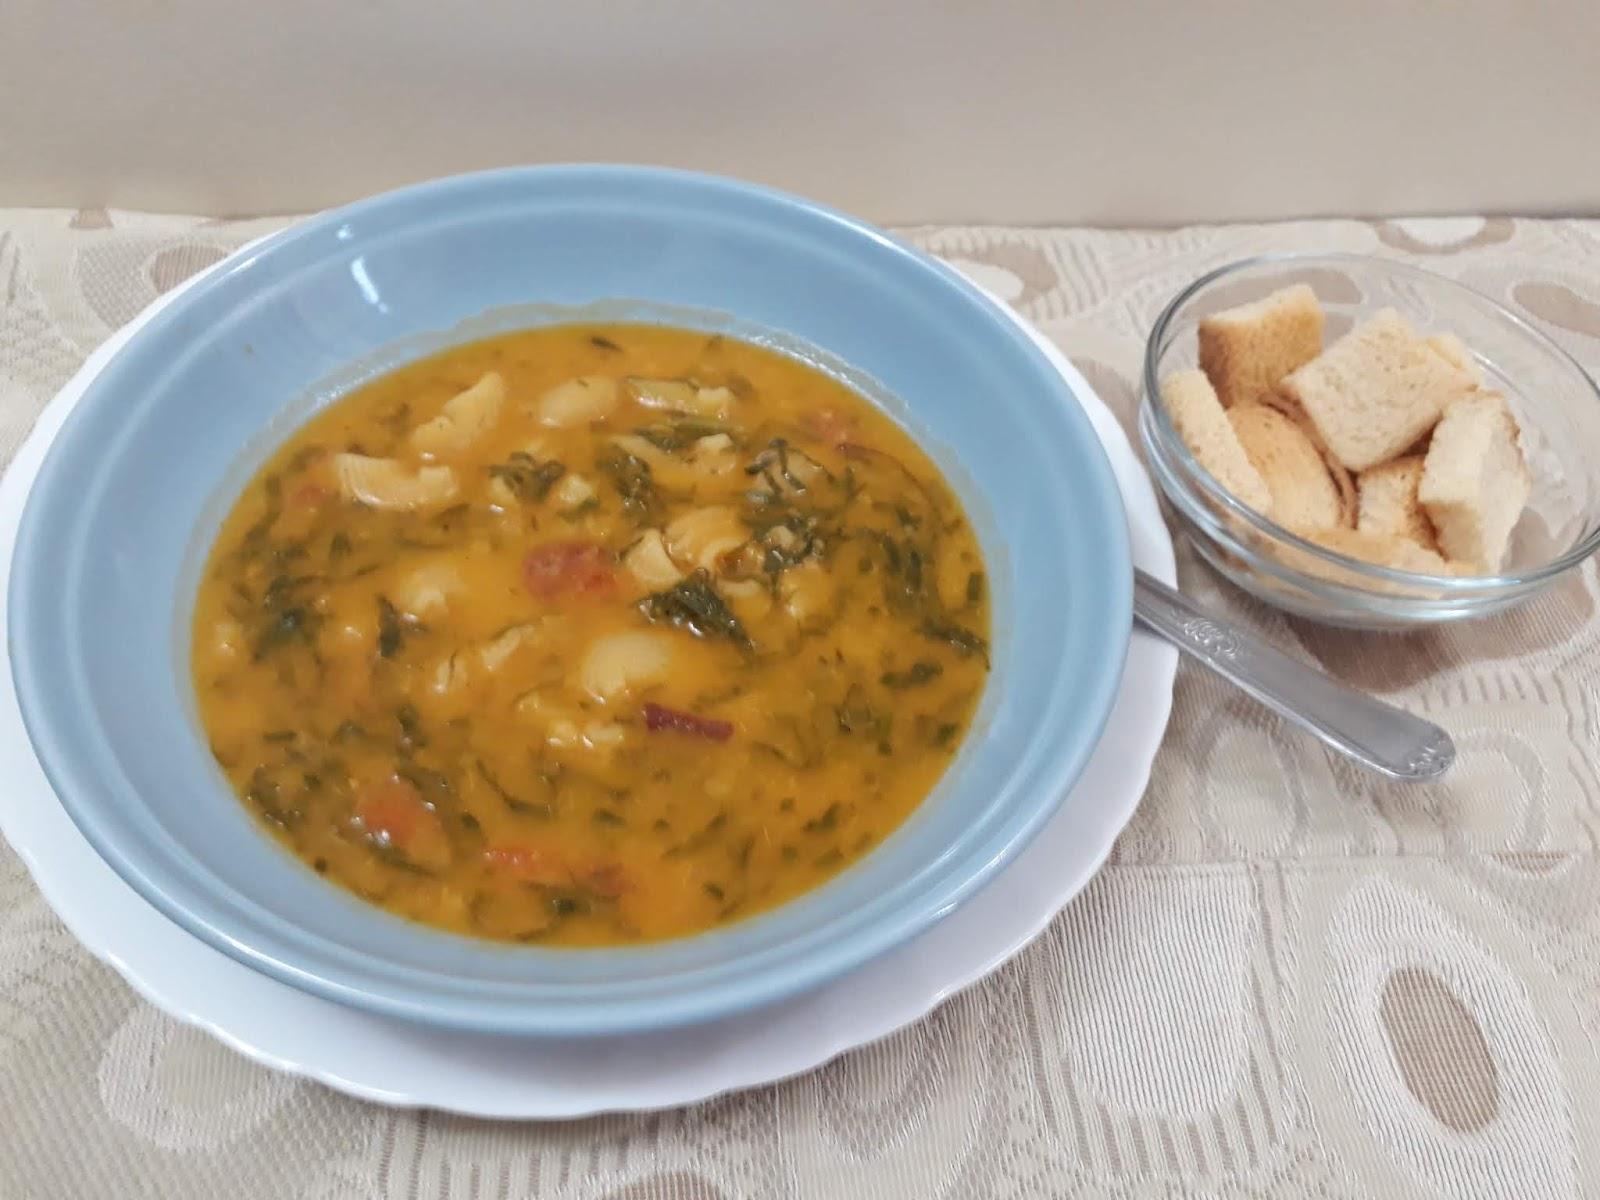 Sopa de inhame para aquecer esses dias friozinhos fica muito delicioso